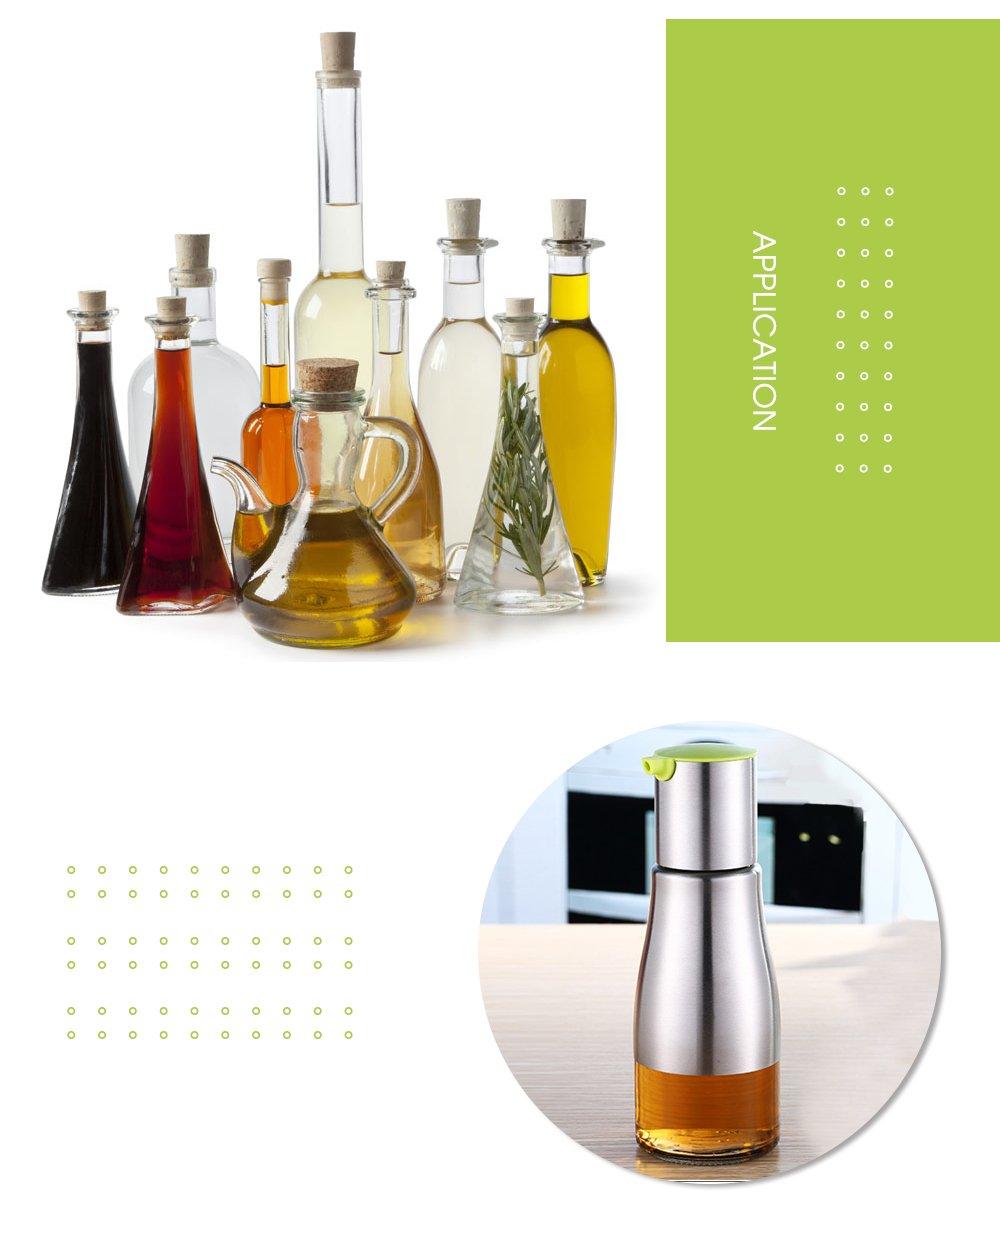 shuzhen-kitchen,De acero inoxidable de la botella de vidrio condimento para la salsa de soja aceite vinagre.(color:Verde): Amazon.es: Hogar